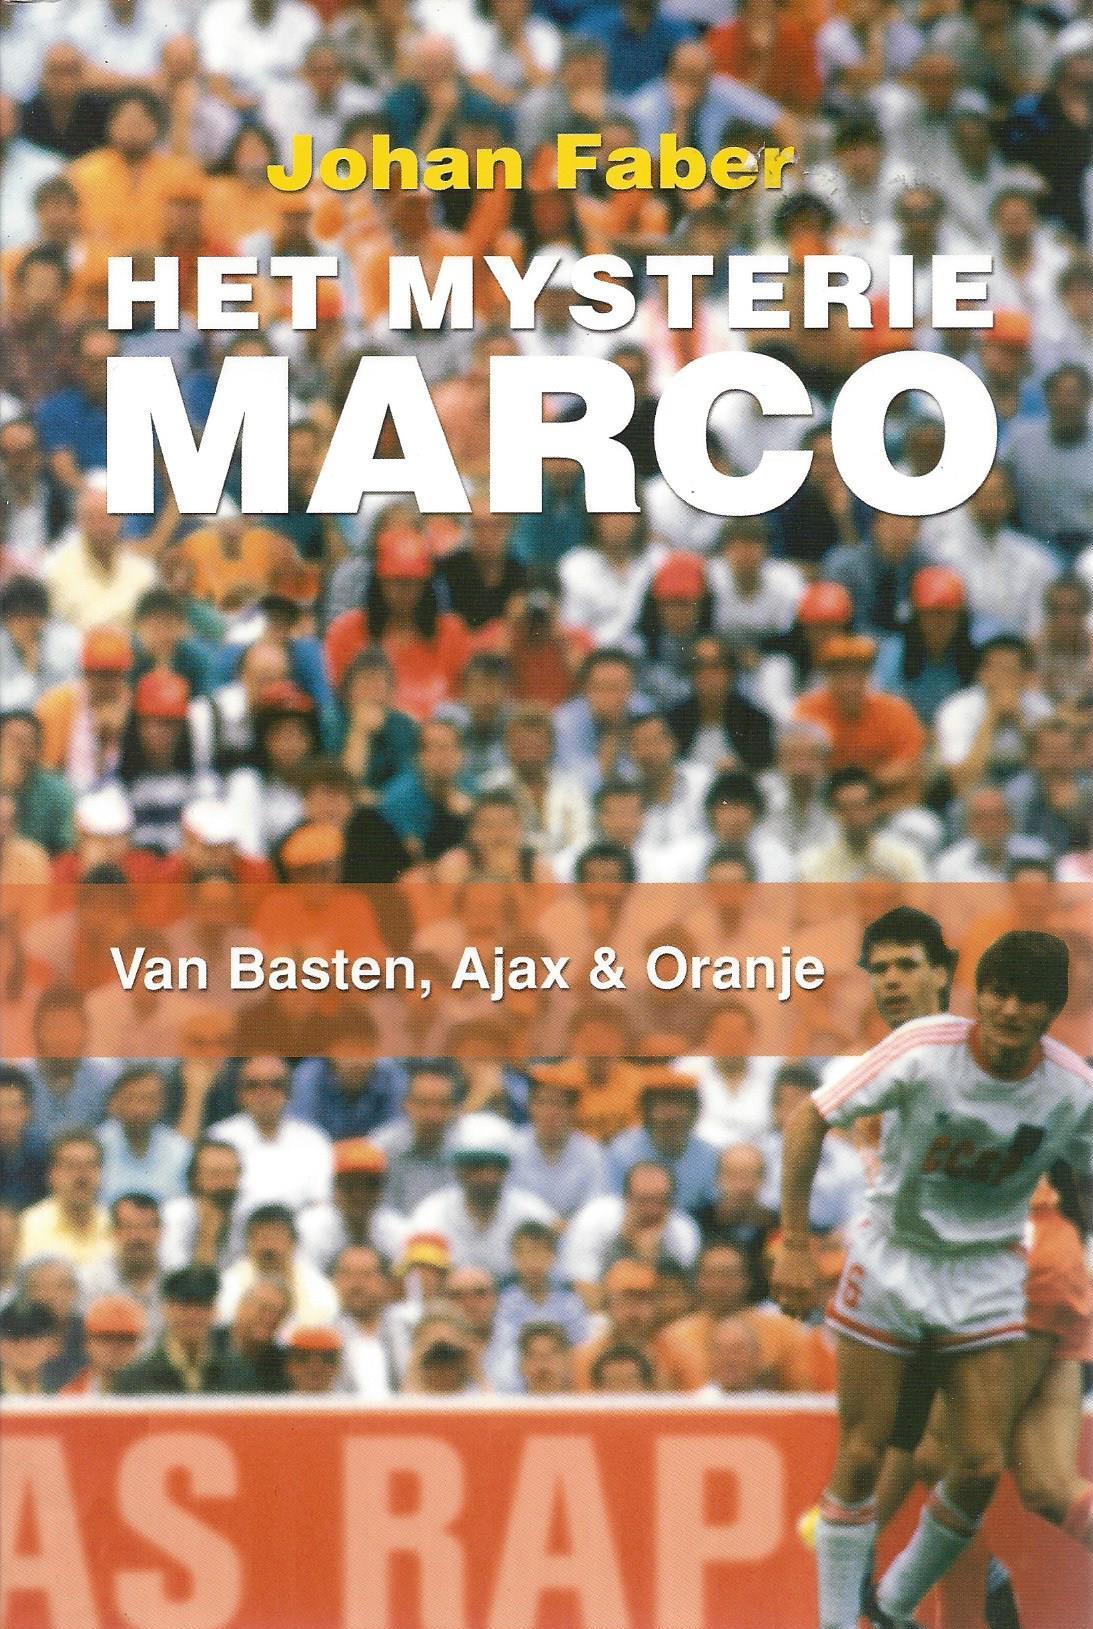 FABER, JOHAN - Het mysterie Marco -Van Basten, Ajax & Oranje